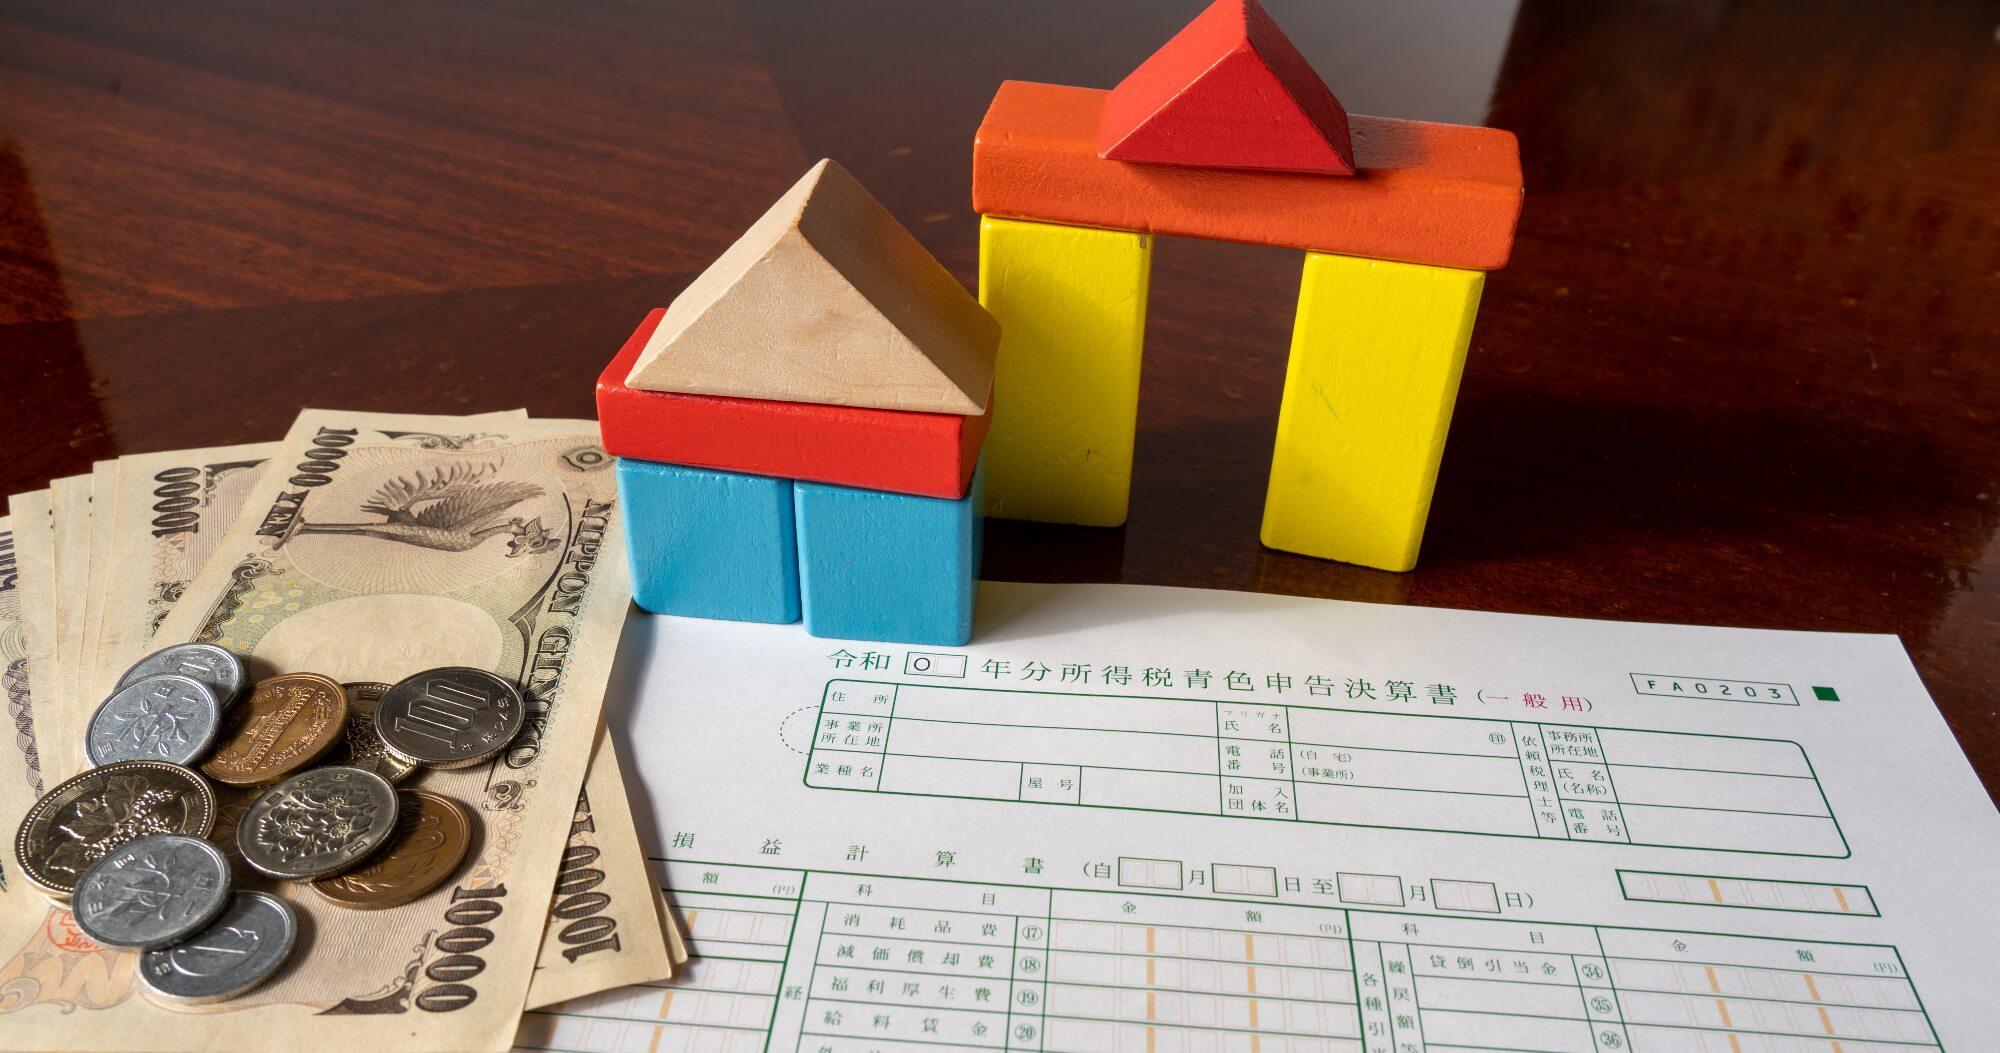 マンション投資をしている人は確定申告を青色で行なえばさらに節税可能